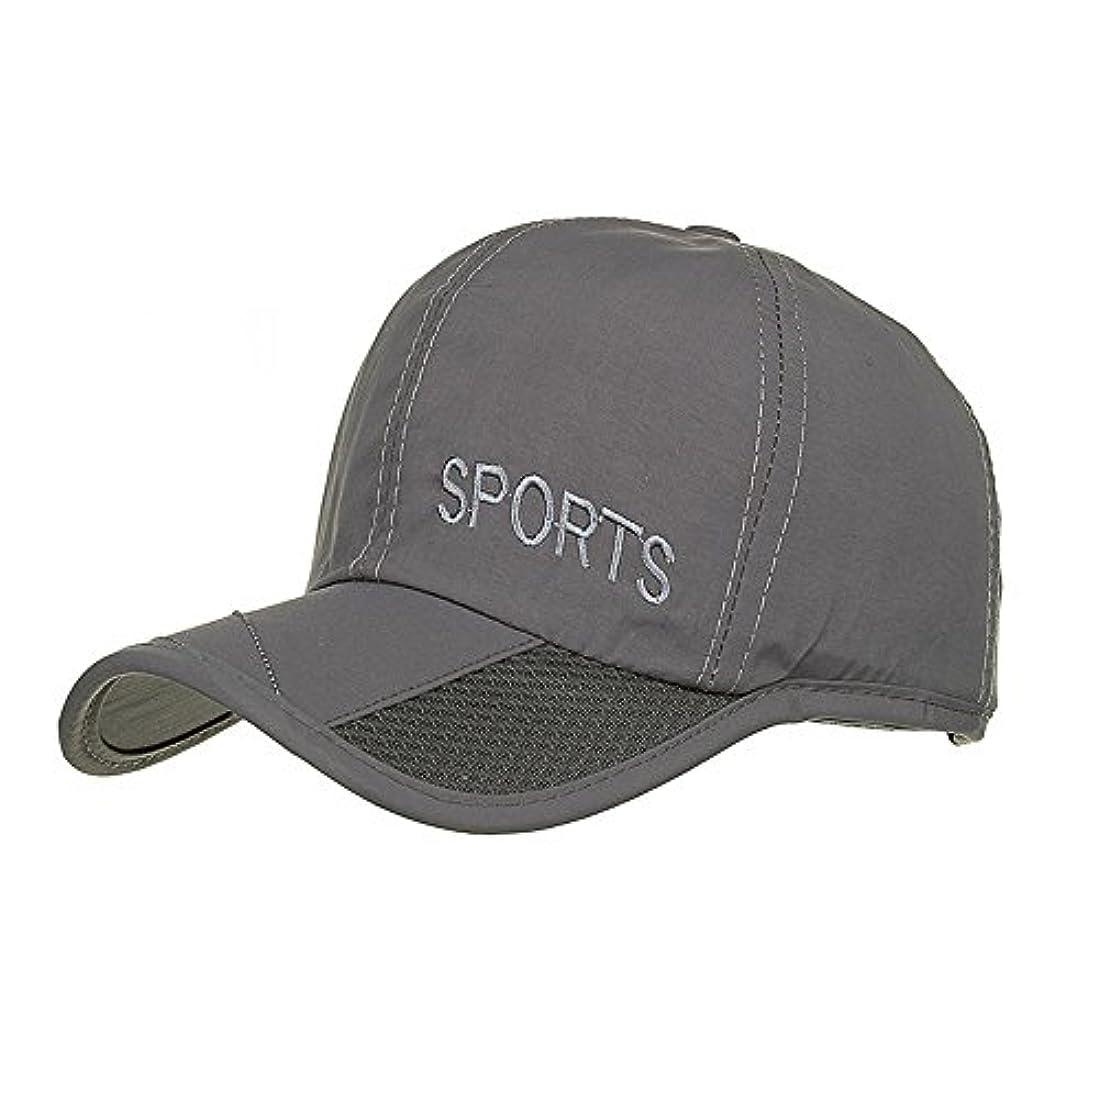 手足統合するメアリアンジョーンズRacazing Cap 男女兼用 野球帽 夏 登山 通気性のある メッシュ 帽子 ベルクロ 可調整可能 刺繍 棒球帽 UV 帽子 軽量 屋外 Unisex Hat (グレー)